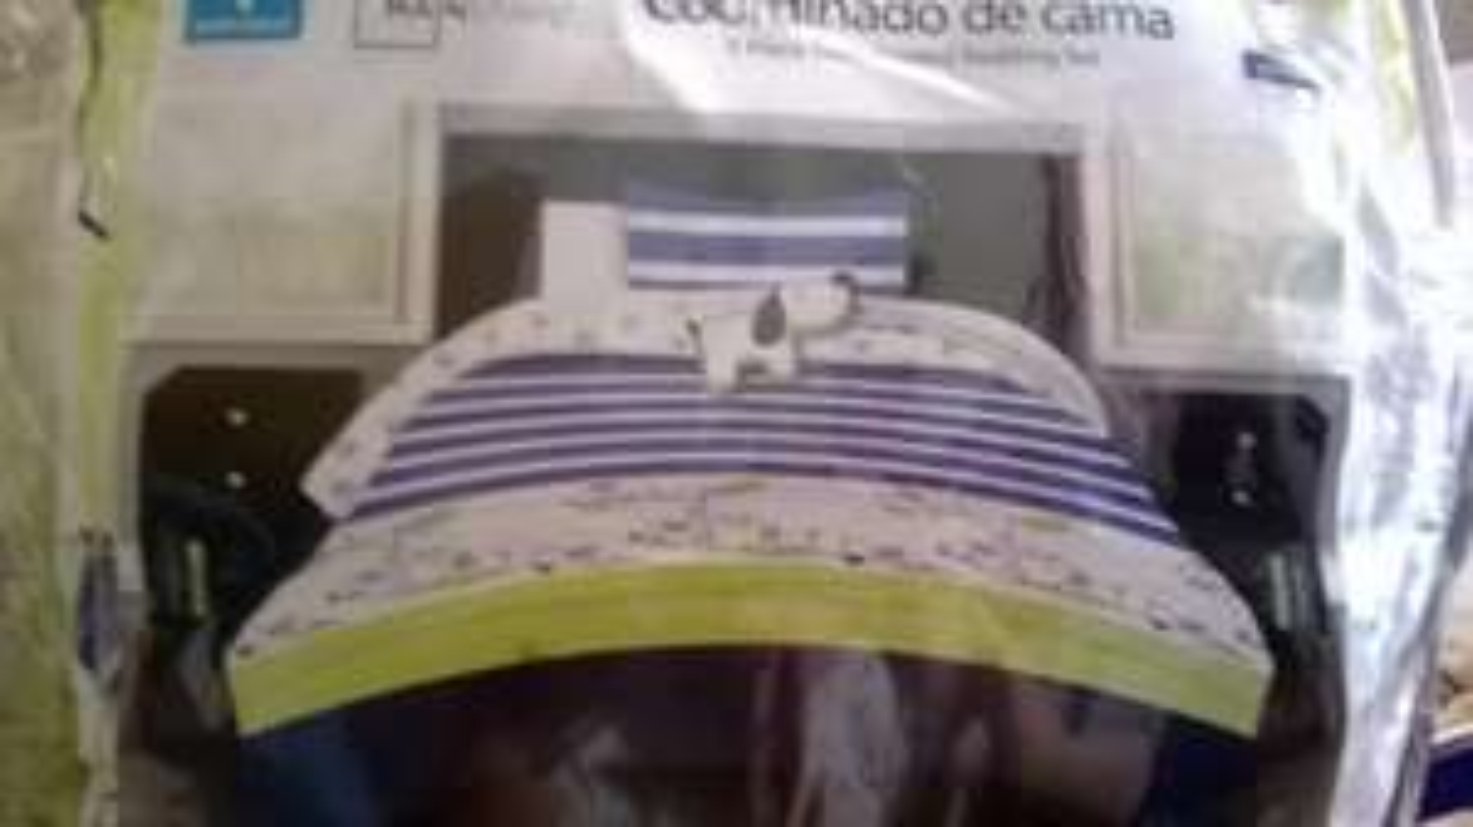 Walmart Sendero Monterrey: edredón individual a $90.01